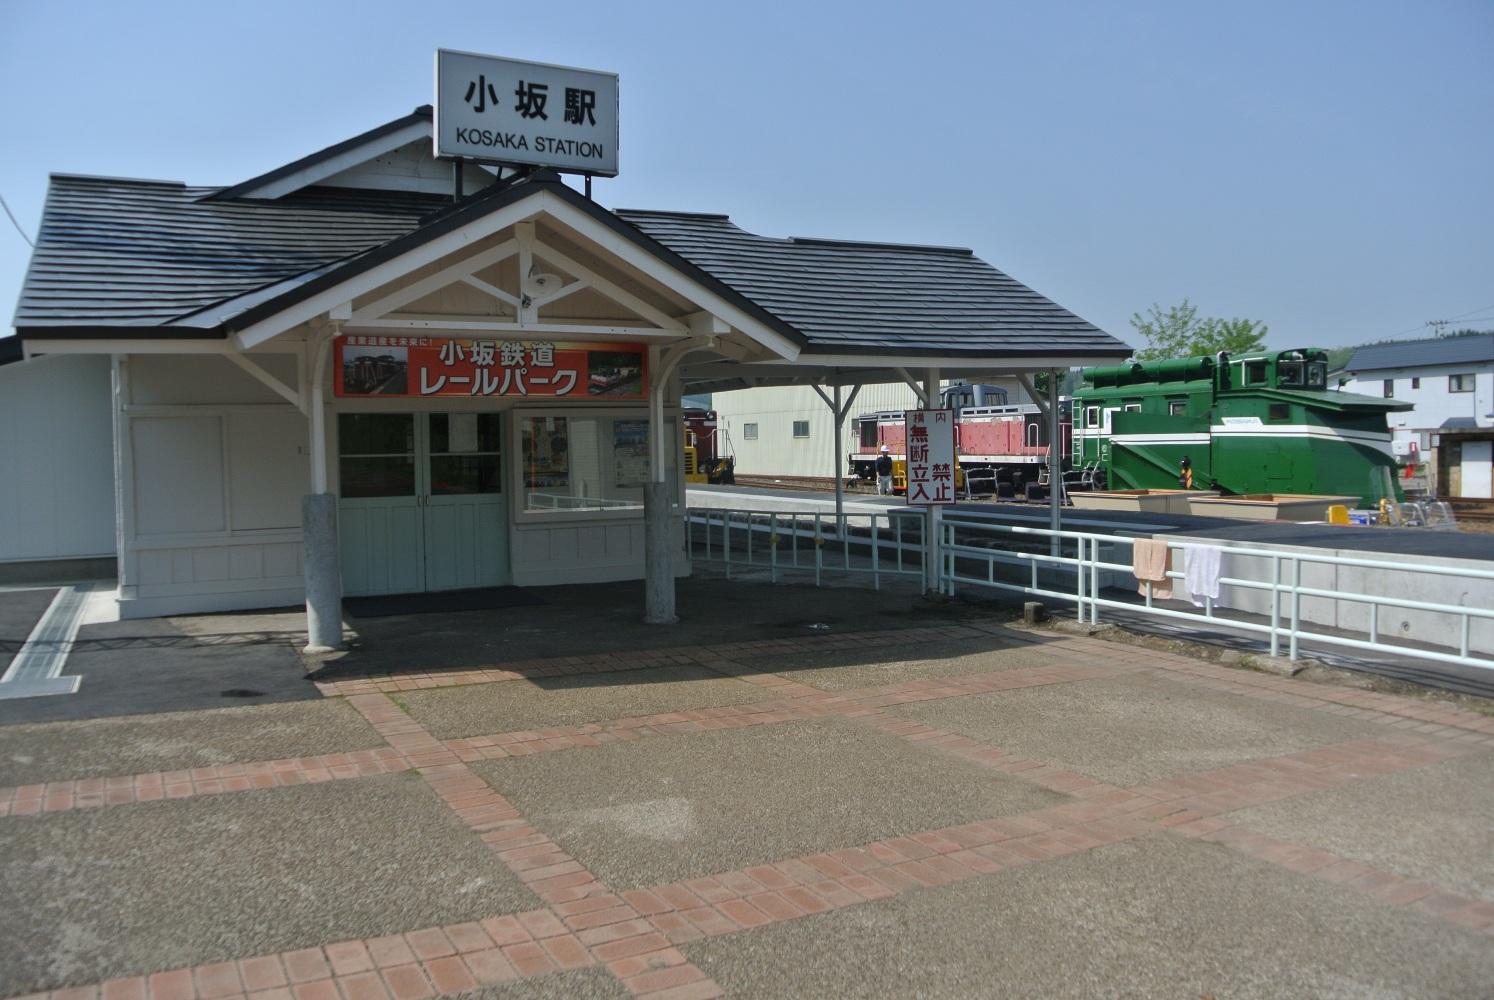 旧小坂鉱山鉄道小坂駅本屋及びプラットホーム